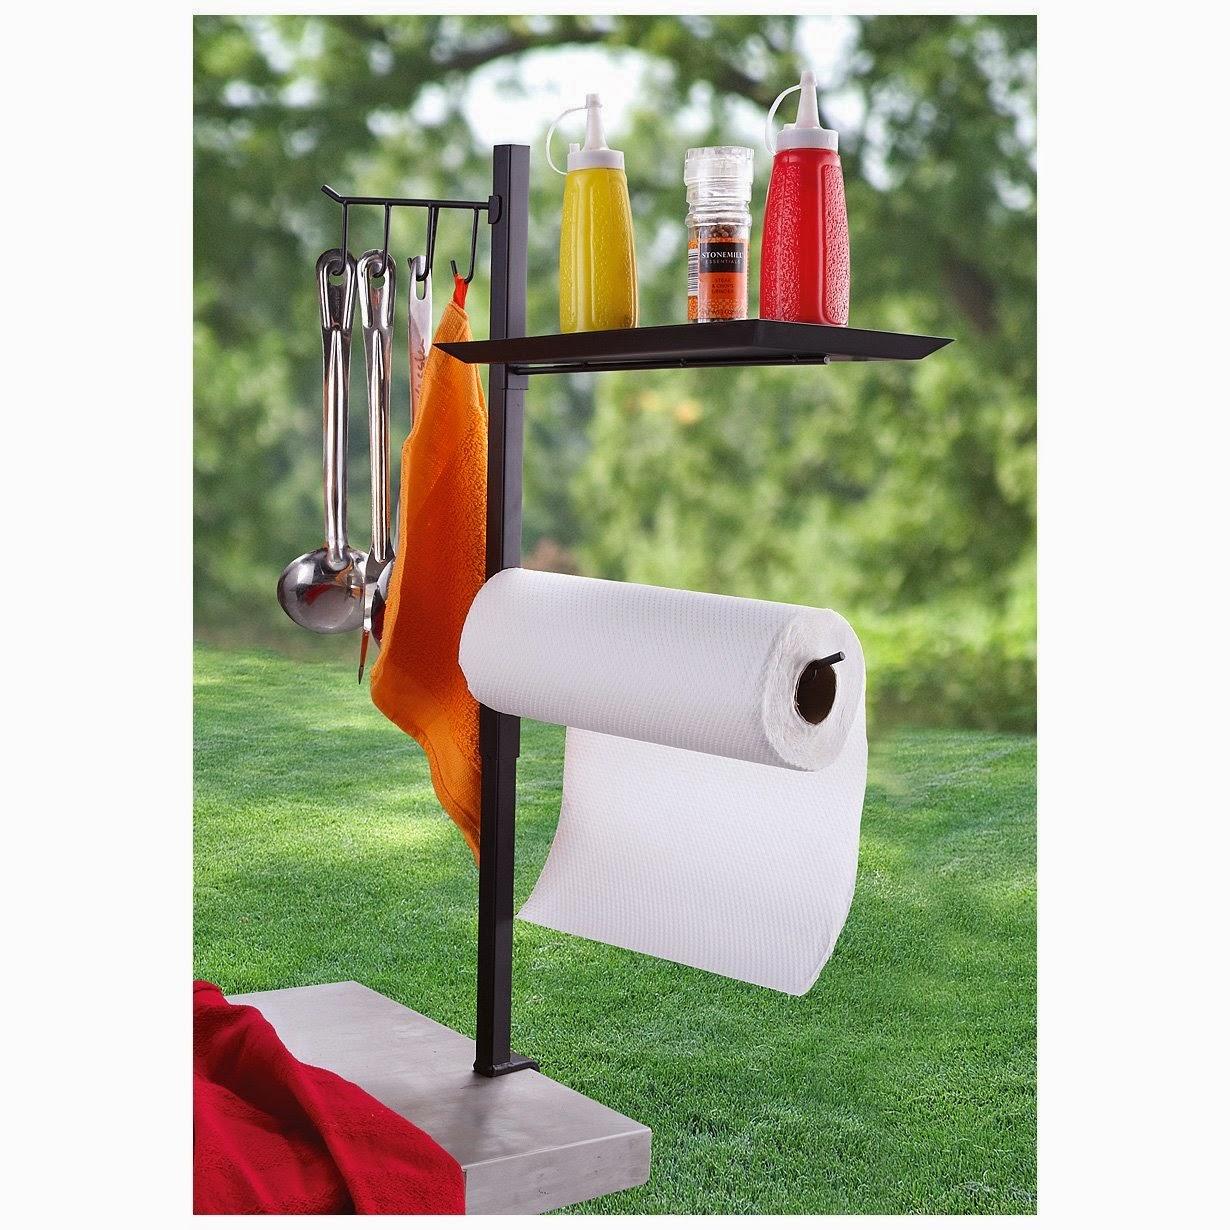 Organized Gift Idea for Father's Day - Barbecue Accessory Organizer :: OrganizingMadeFun.com